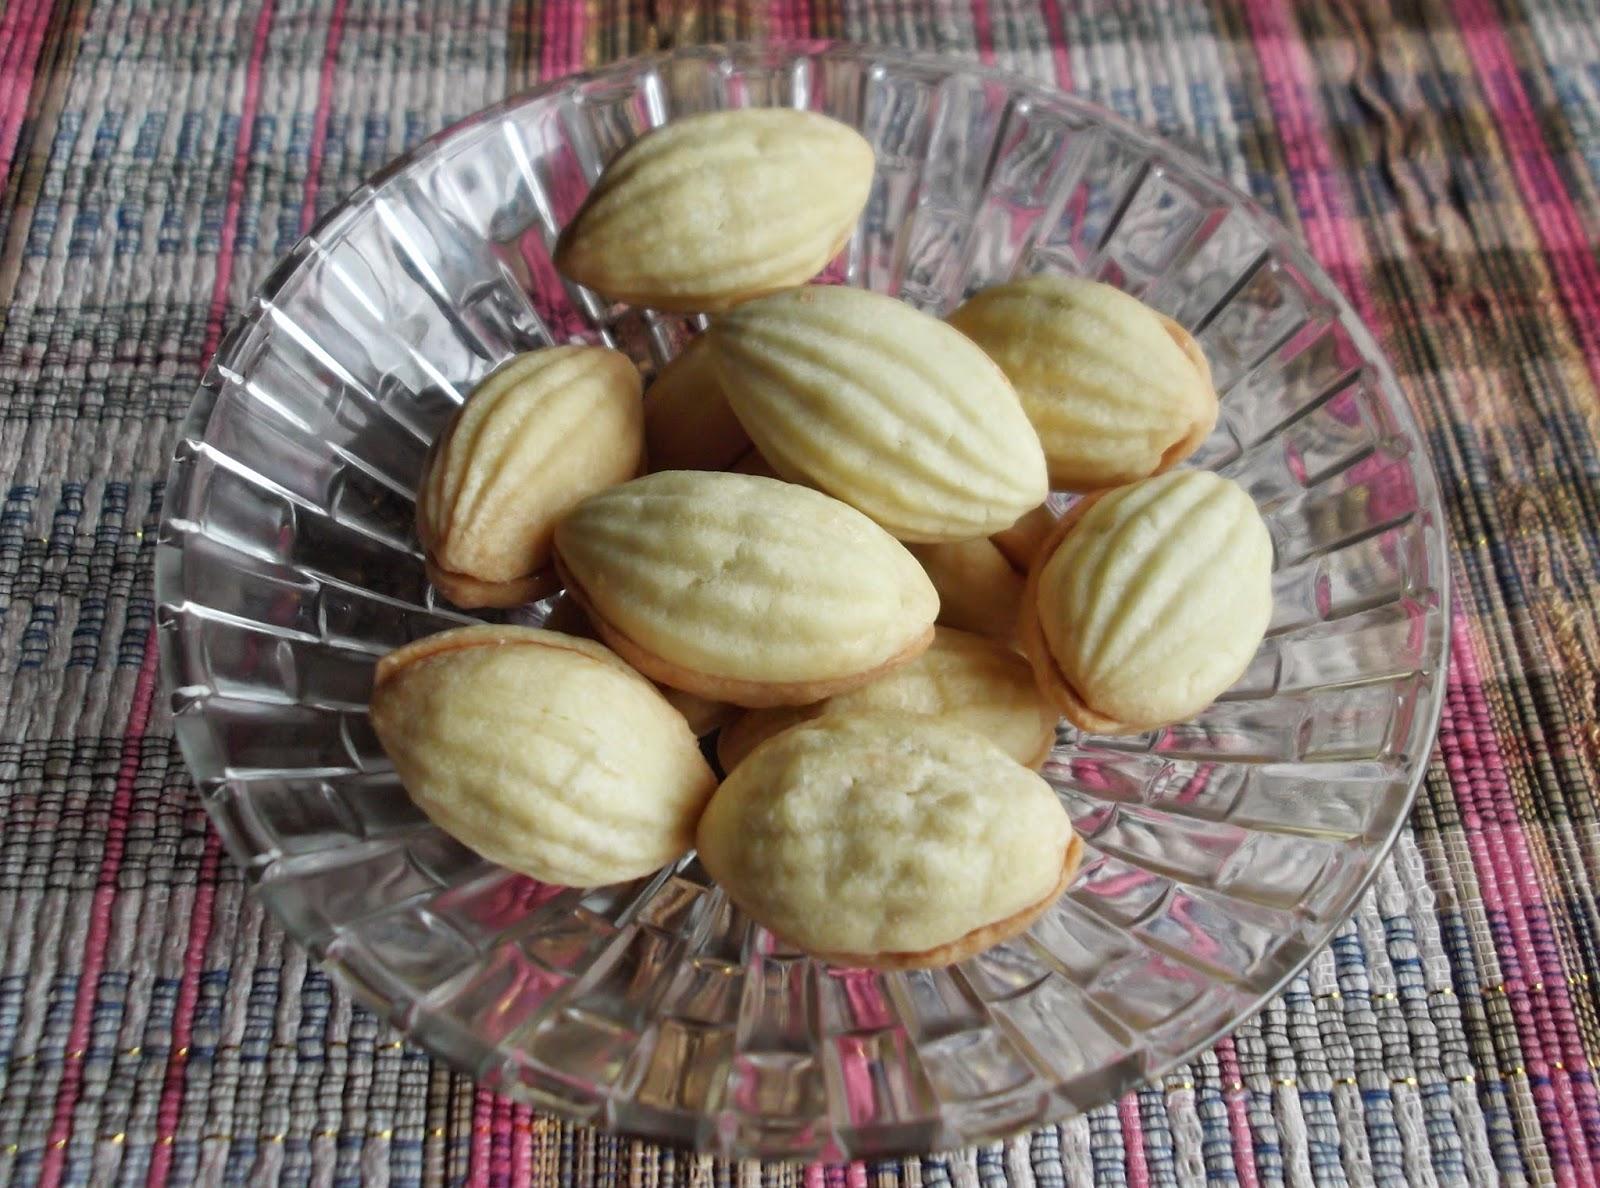 biskut buah kana